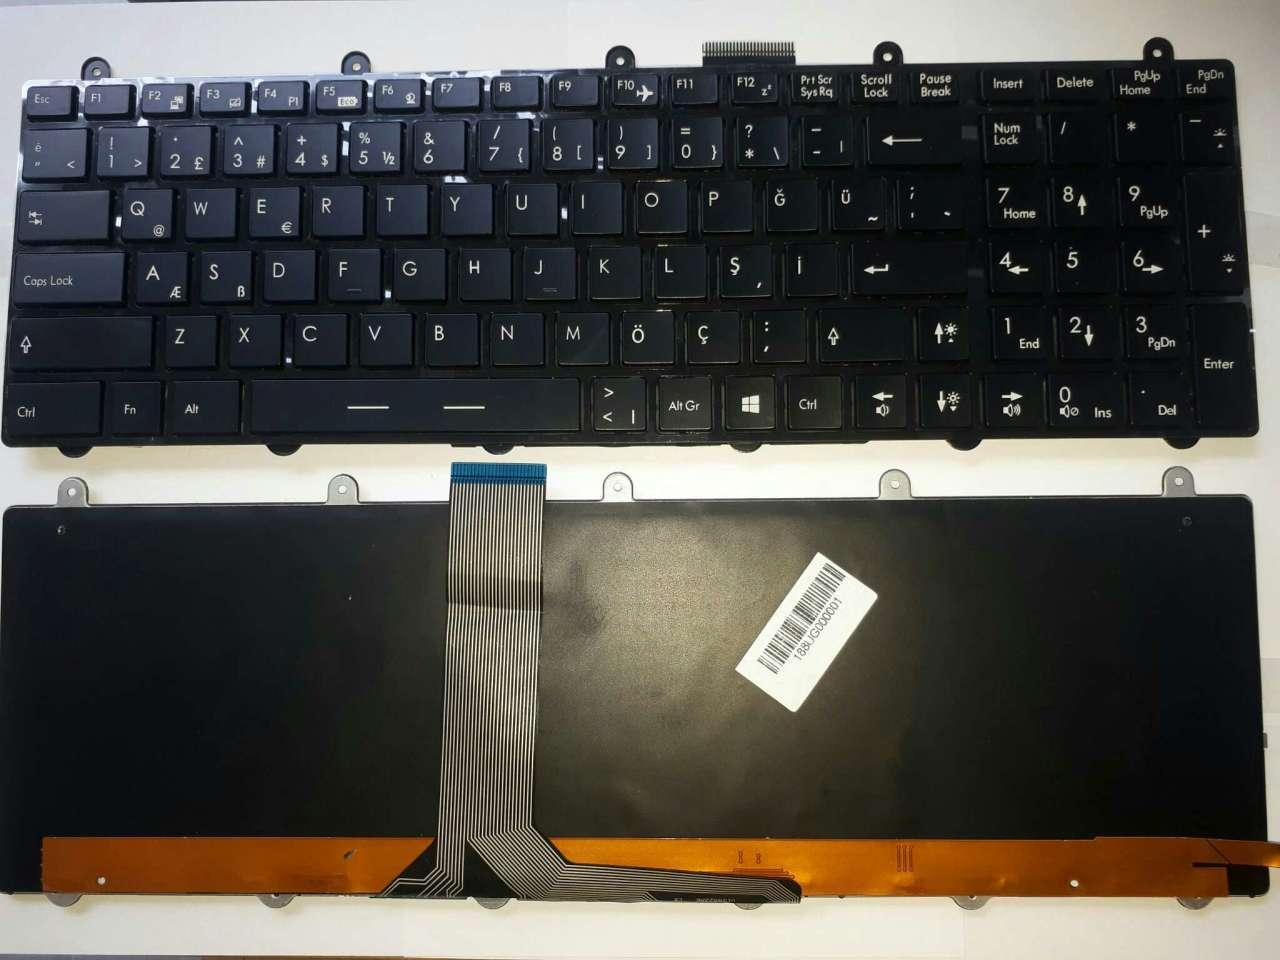 MSI MS16GB v123322Ik1 Ledli Klavye